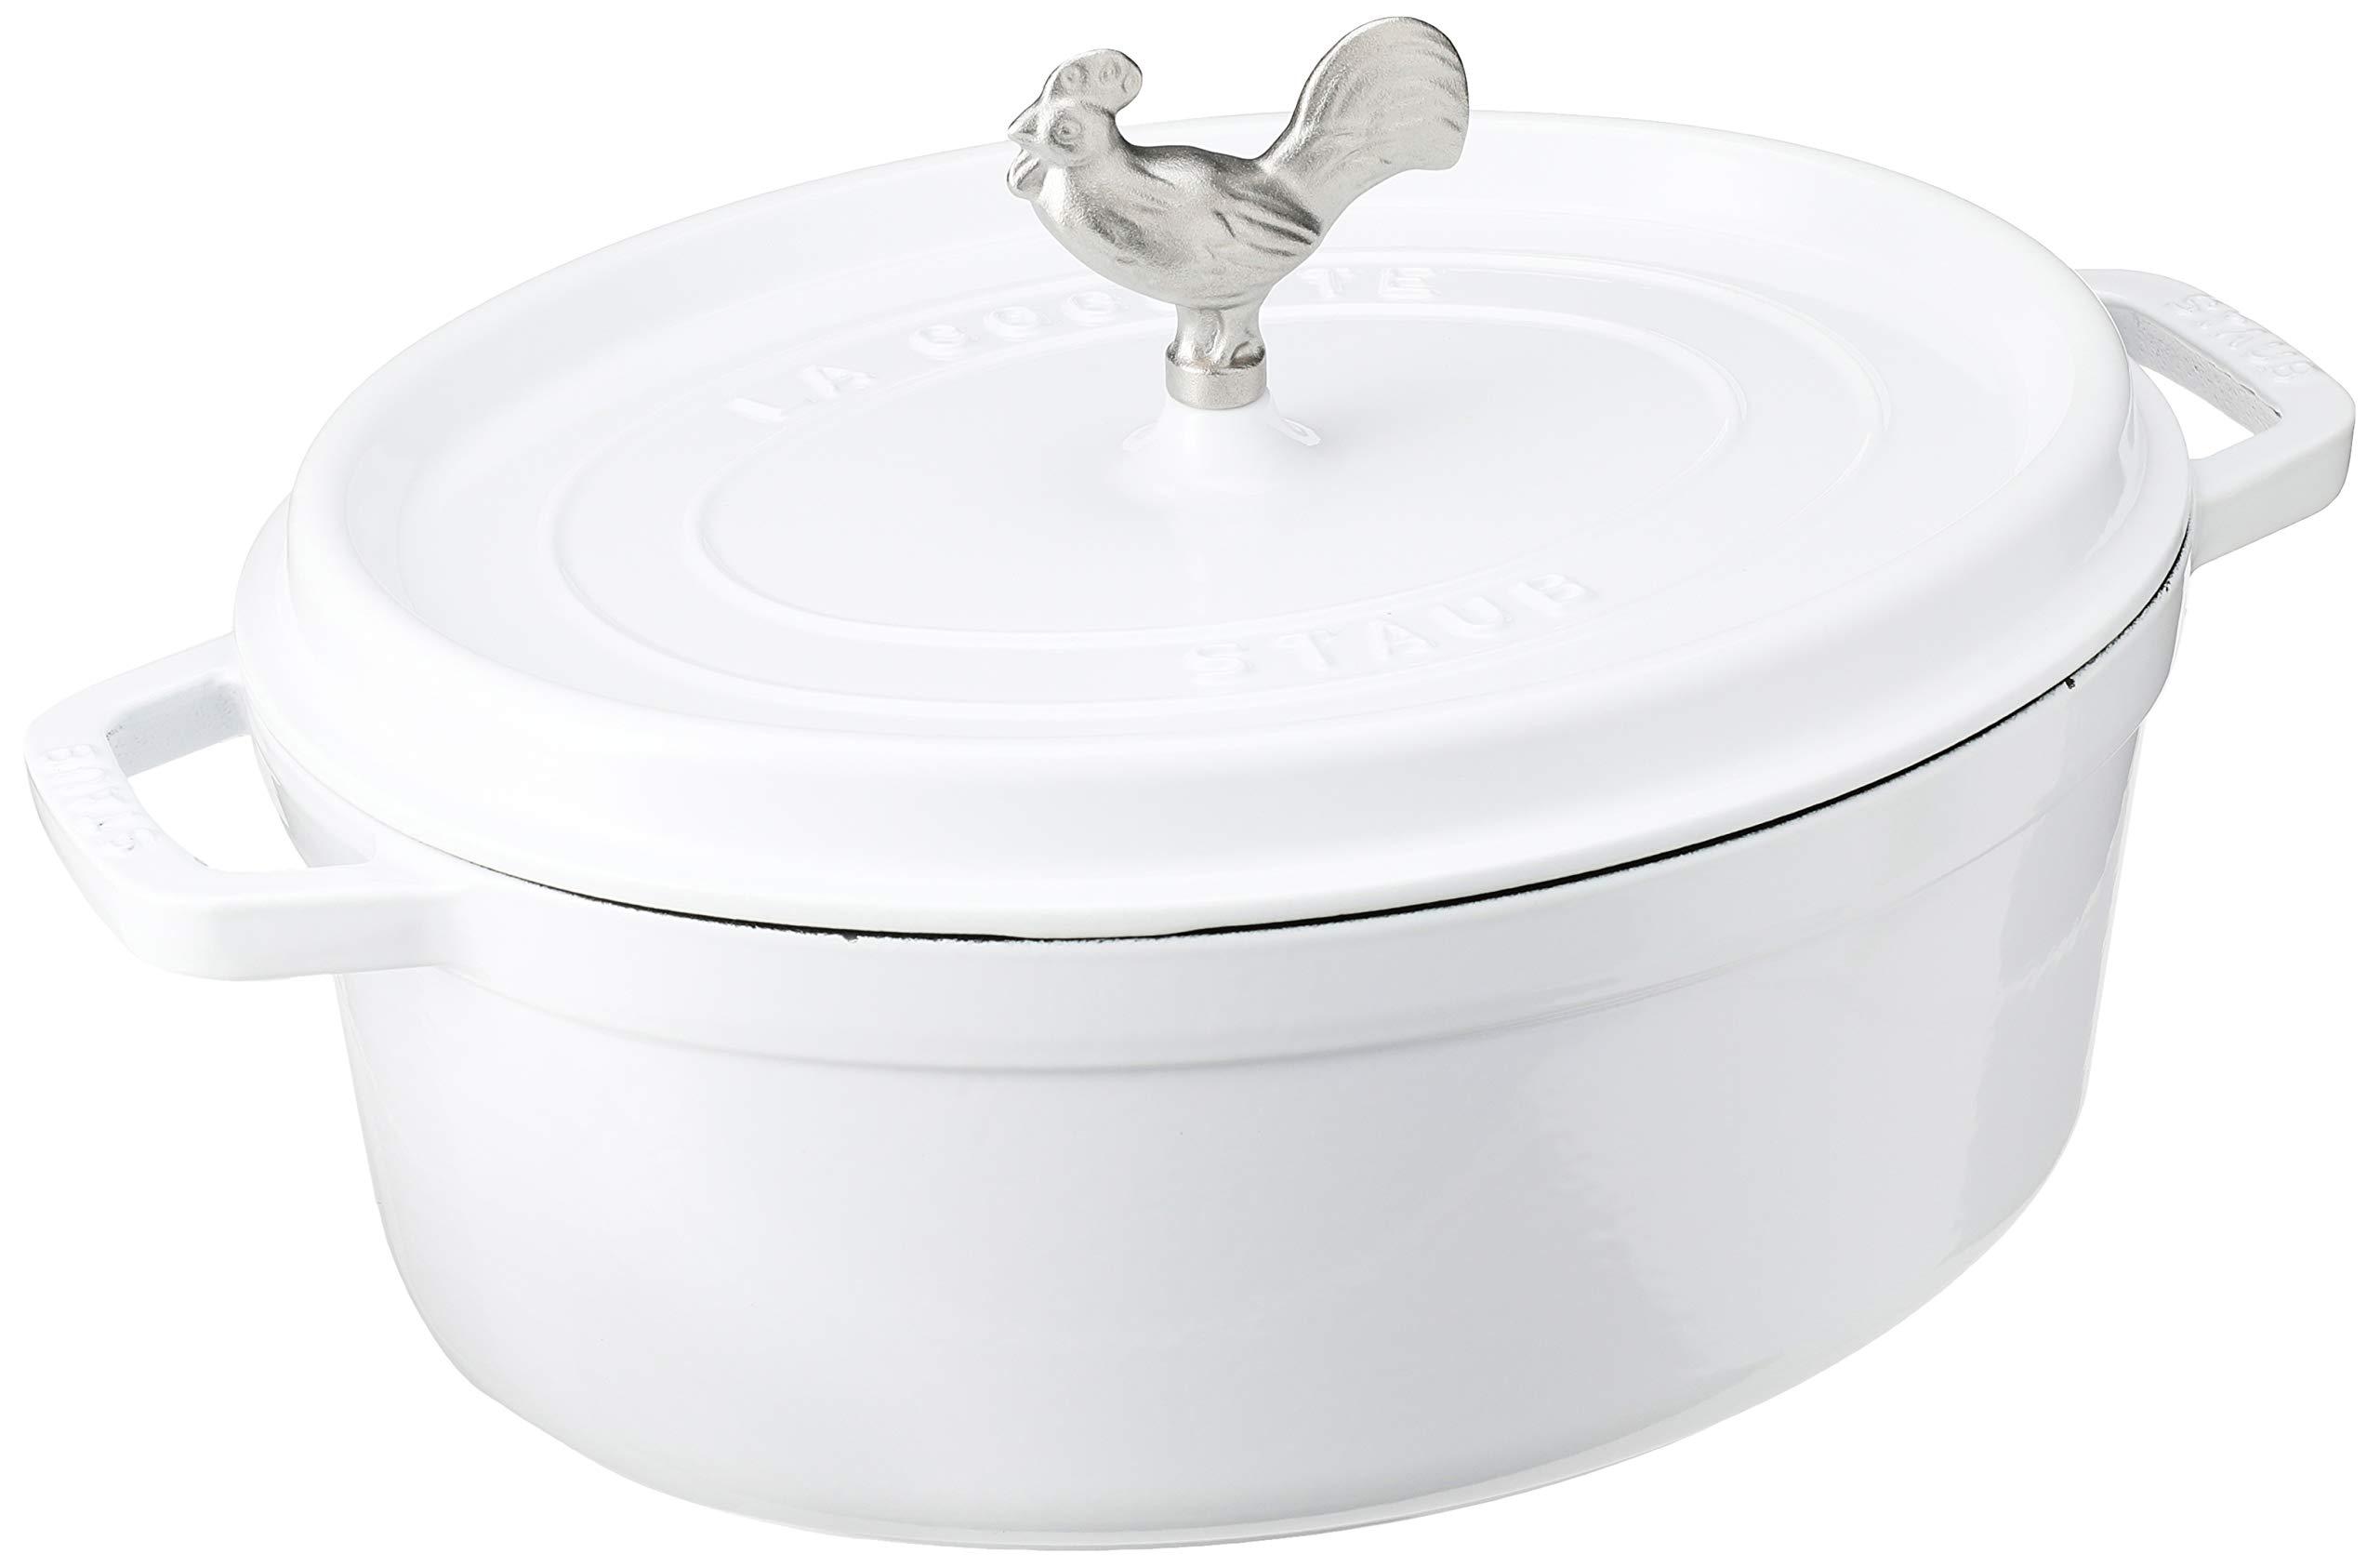 STAUB Cast Iron Coq au Vin Cocotte, 5.75-quart, White